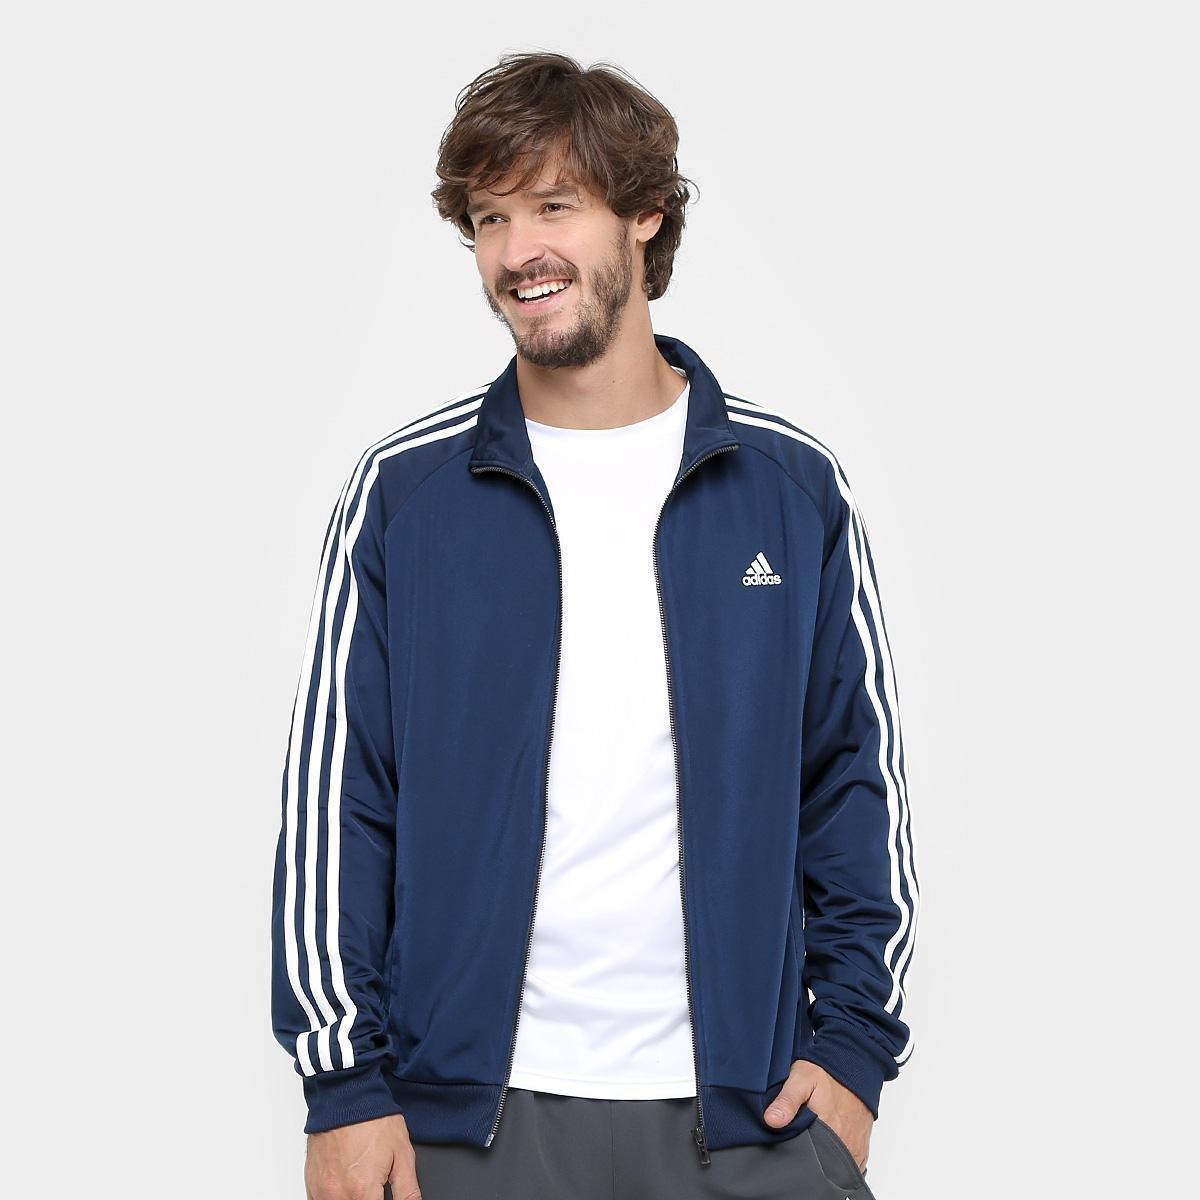 8c1da72a4d25e Jaqueta Adidas Essential 3S Top Masculina - Marinho e Branco - Compre Agora